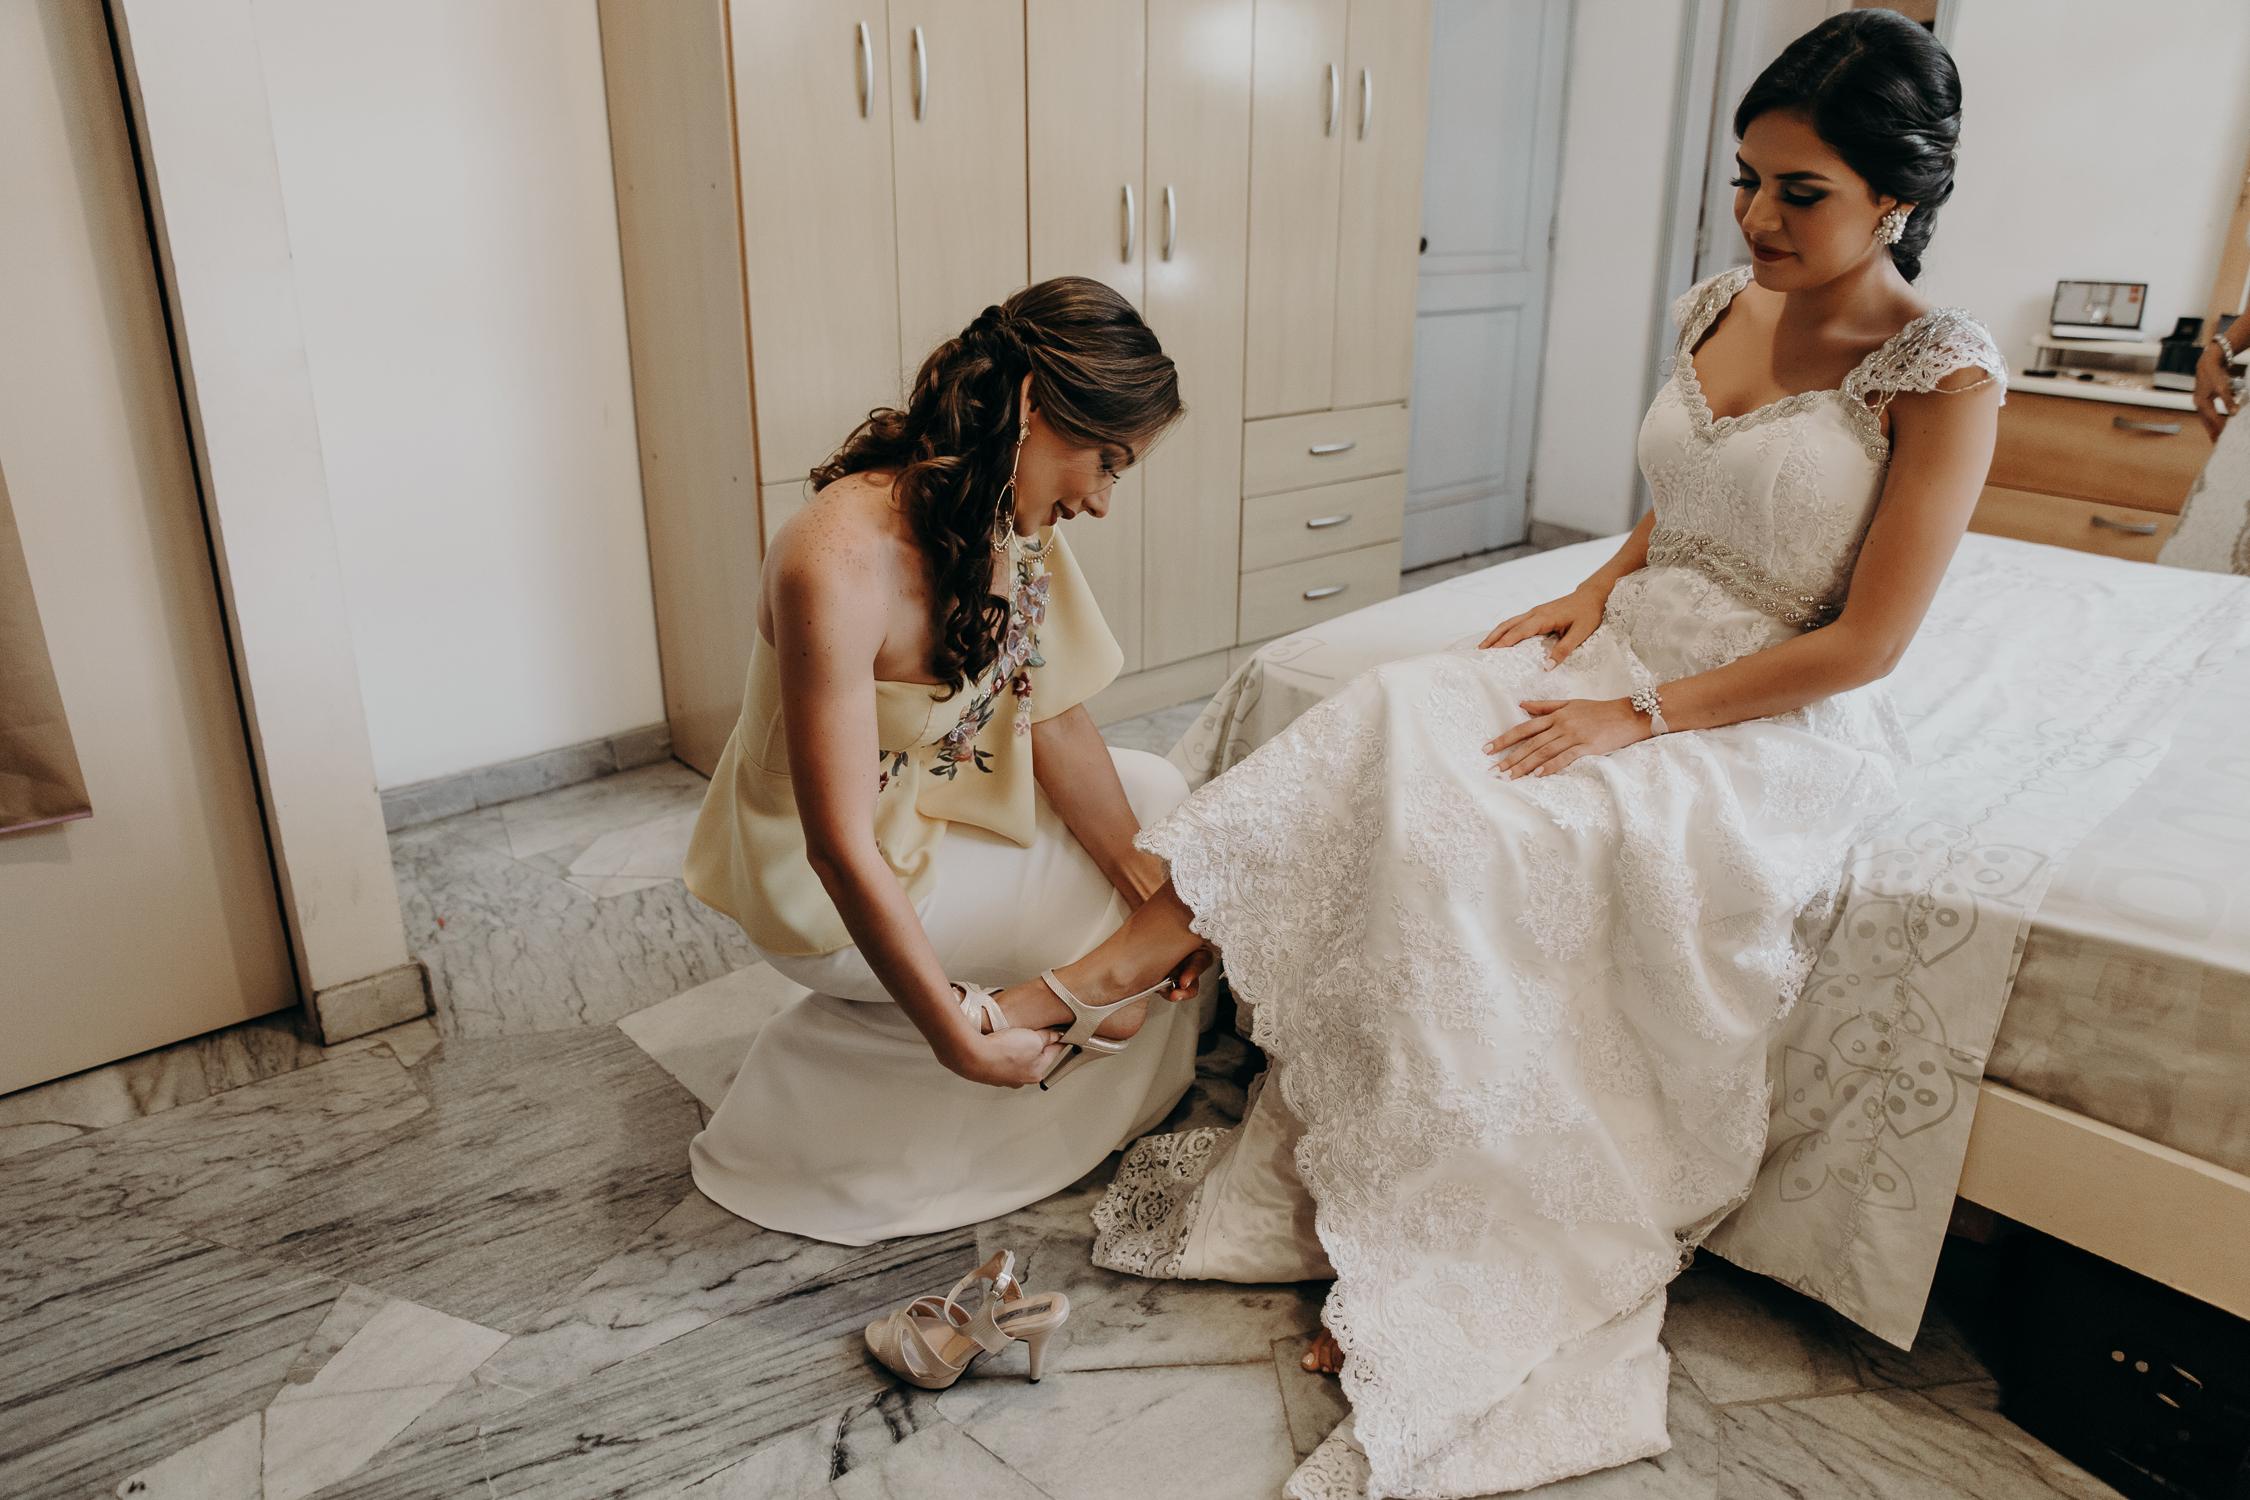 Michelle-Agurto-Fotografia-Bodas-Ecuador-Destination-Wedding-Photographer-Cristi-Luis-23.JPG